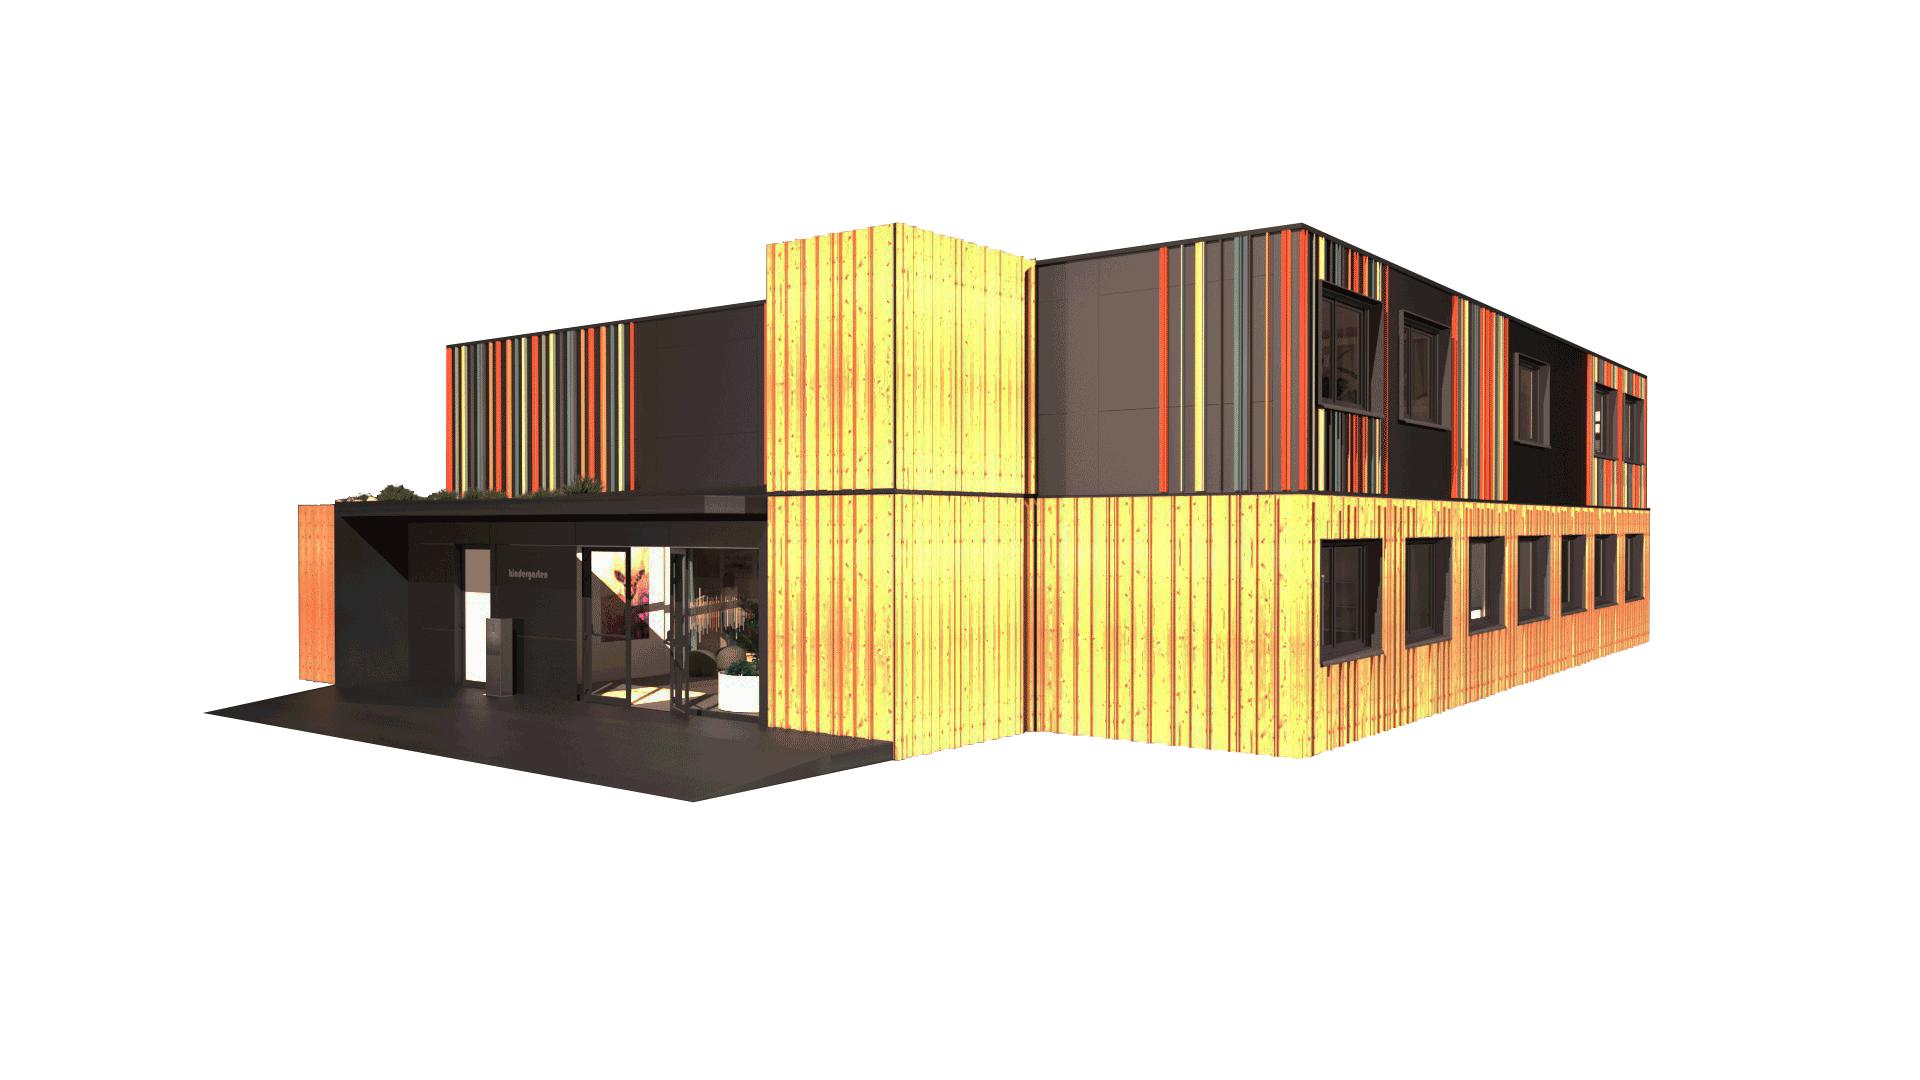 Kommunales-Bauen-Kindergarten